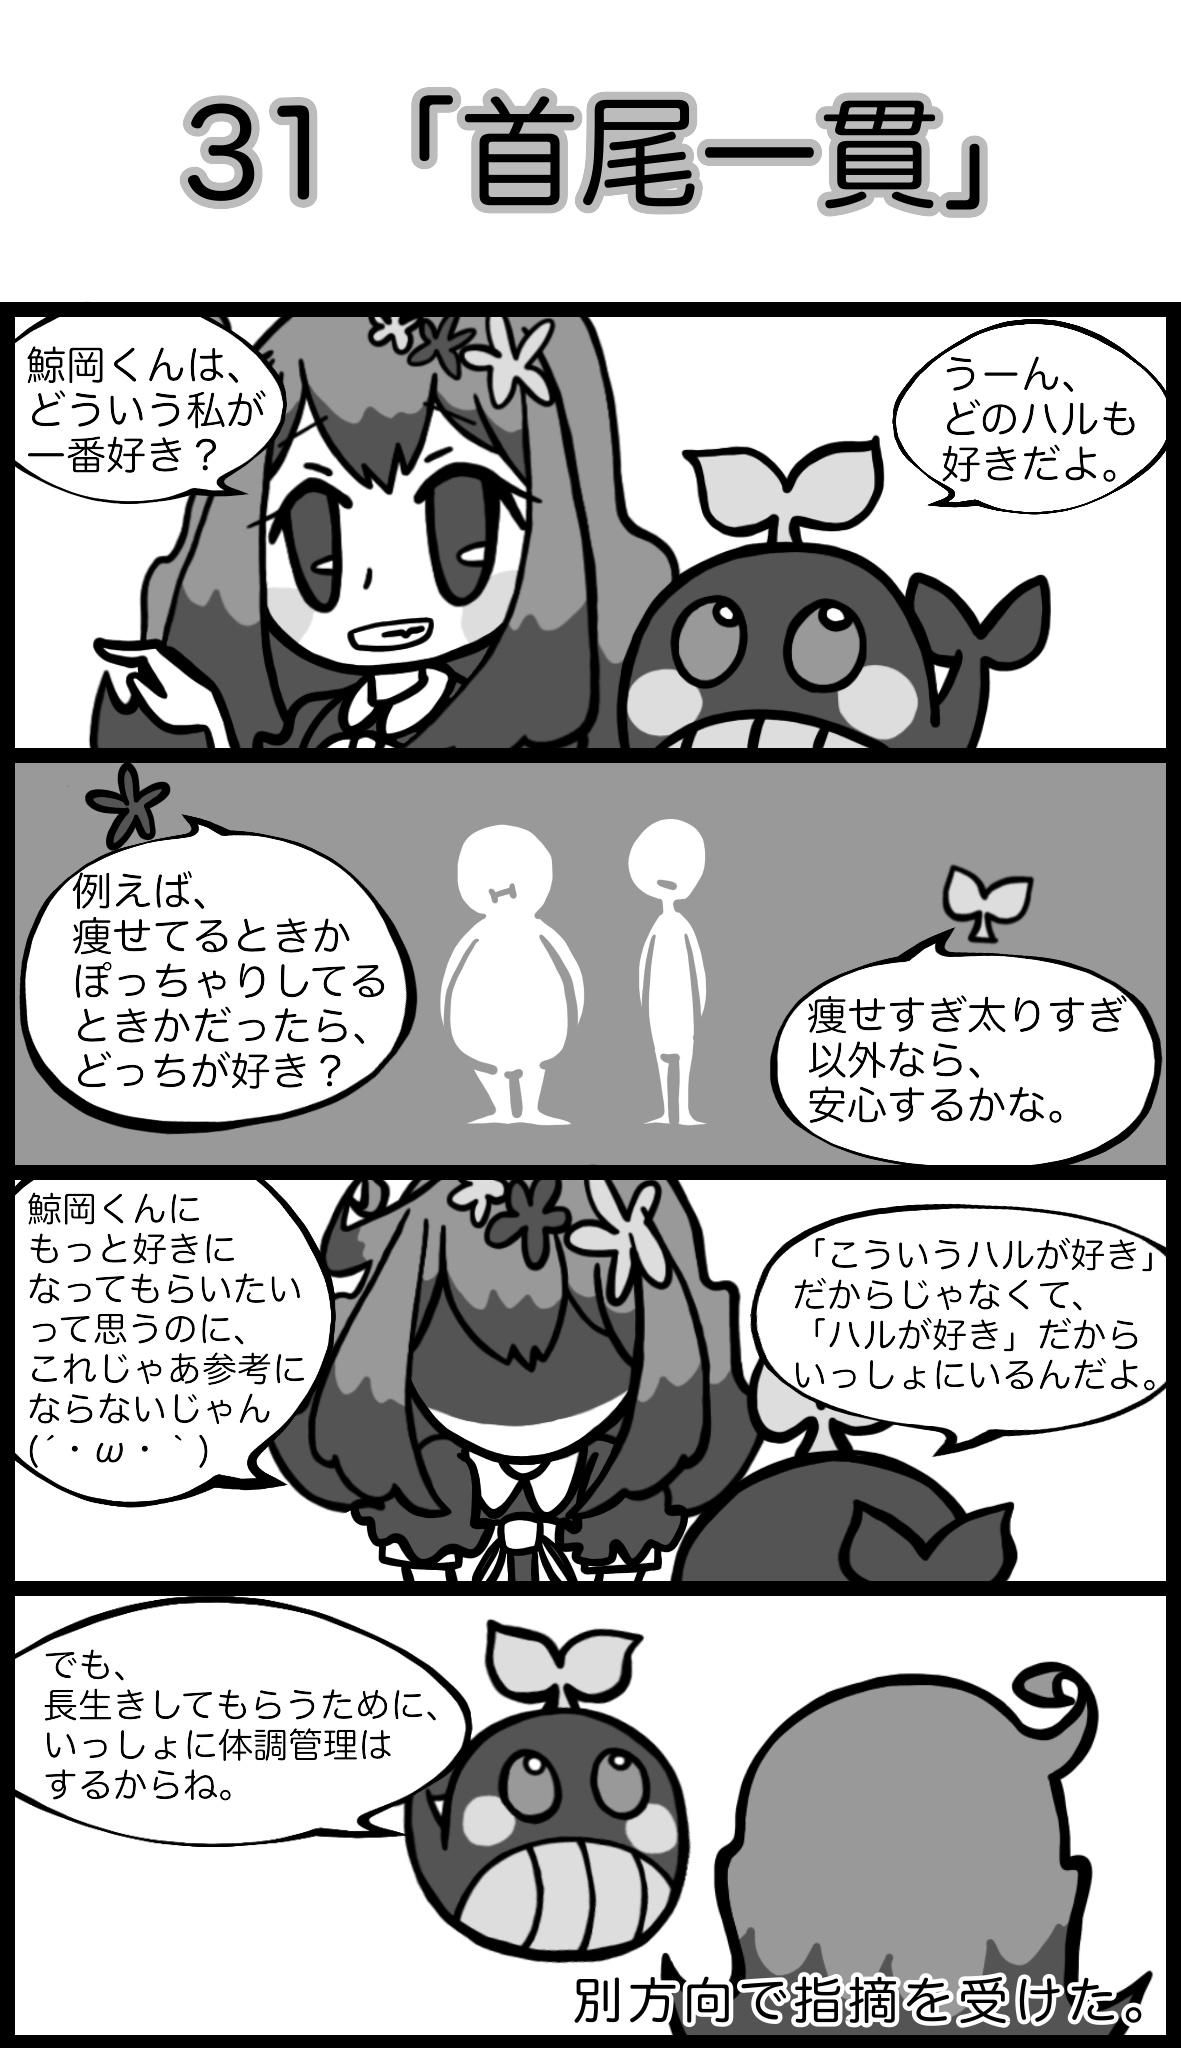 【4コマ漫画】鯨岡くんと。。(18)